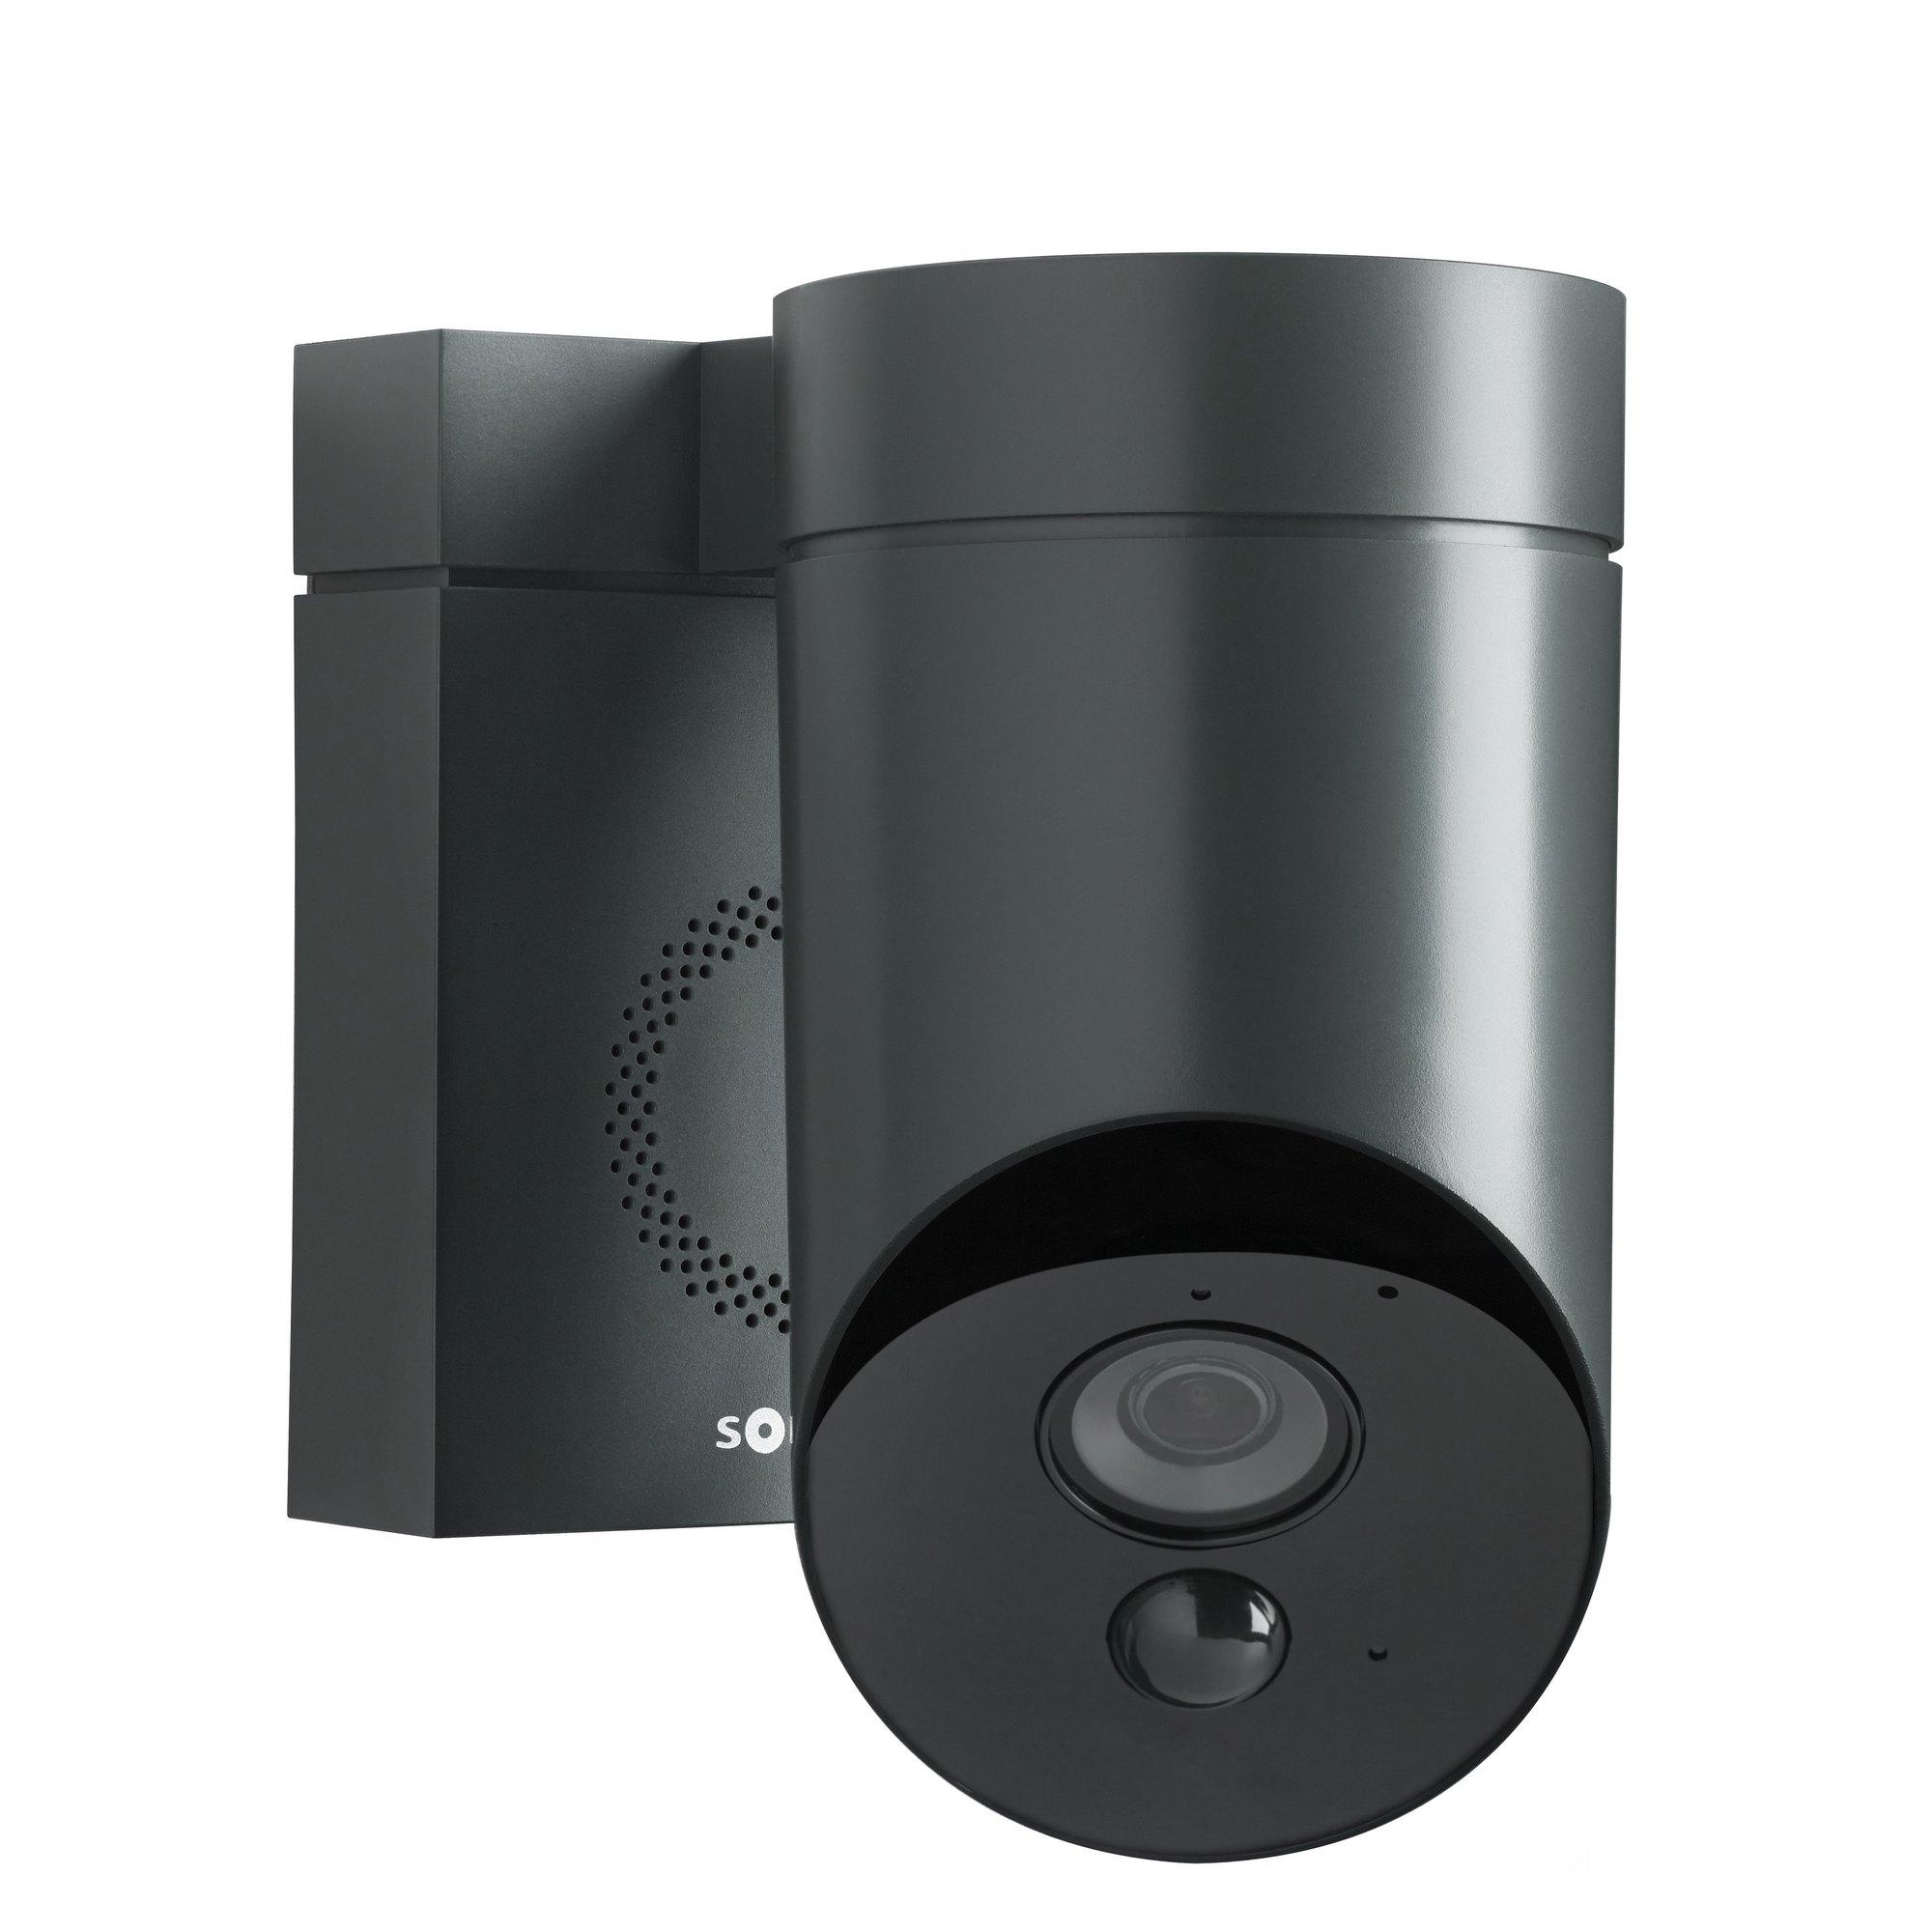 Kamera Somfy outdoor, šedá